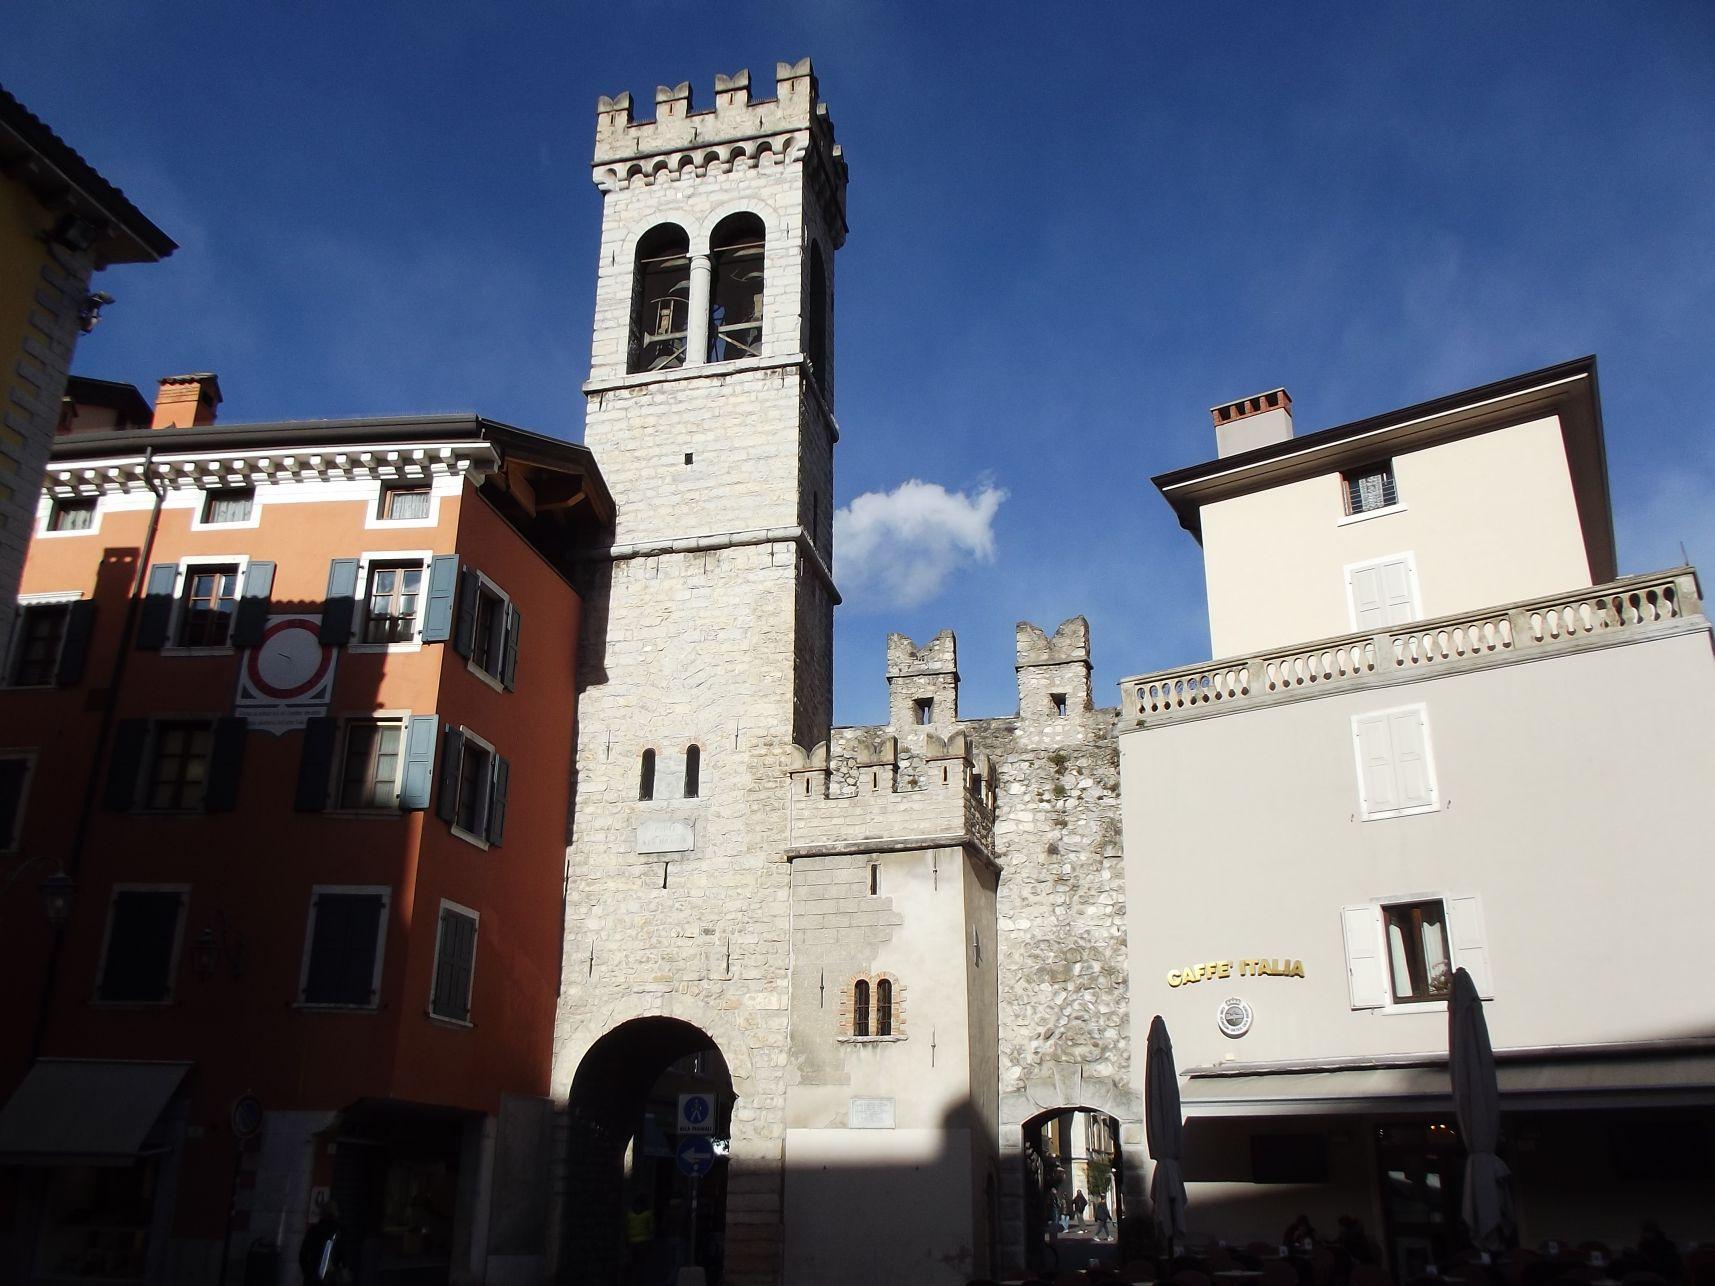 25_A San Michele kapu